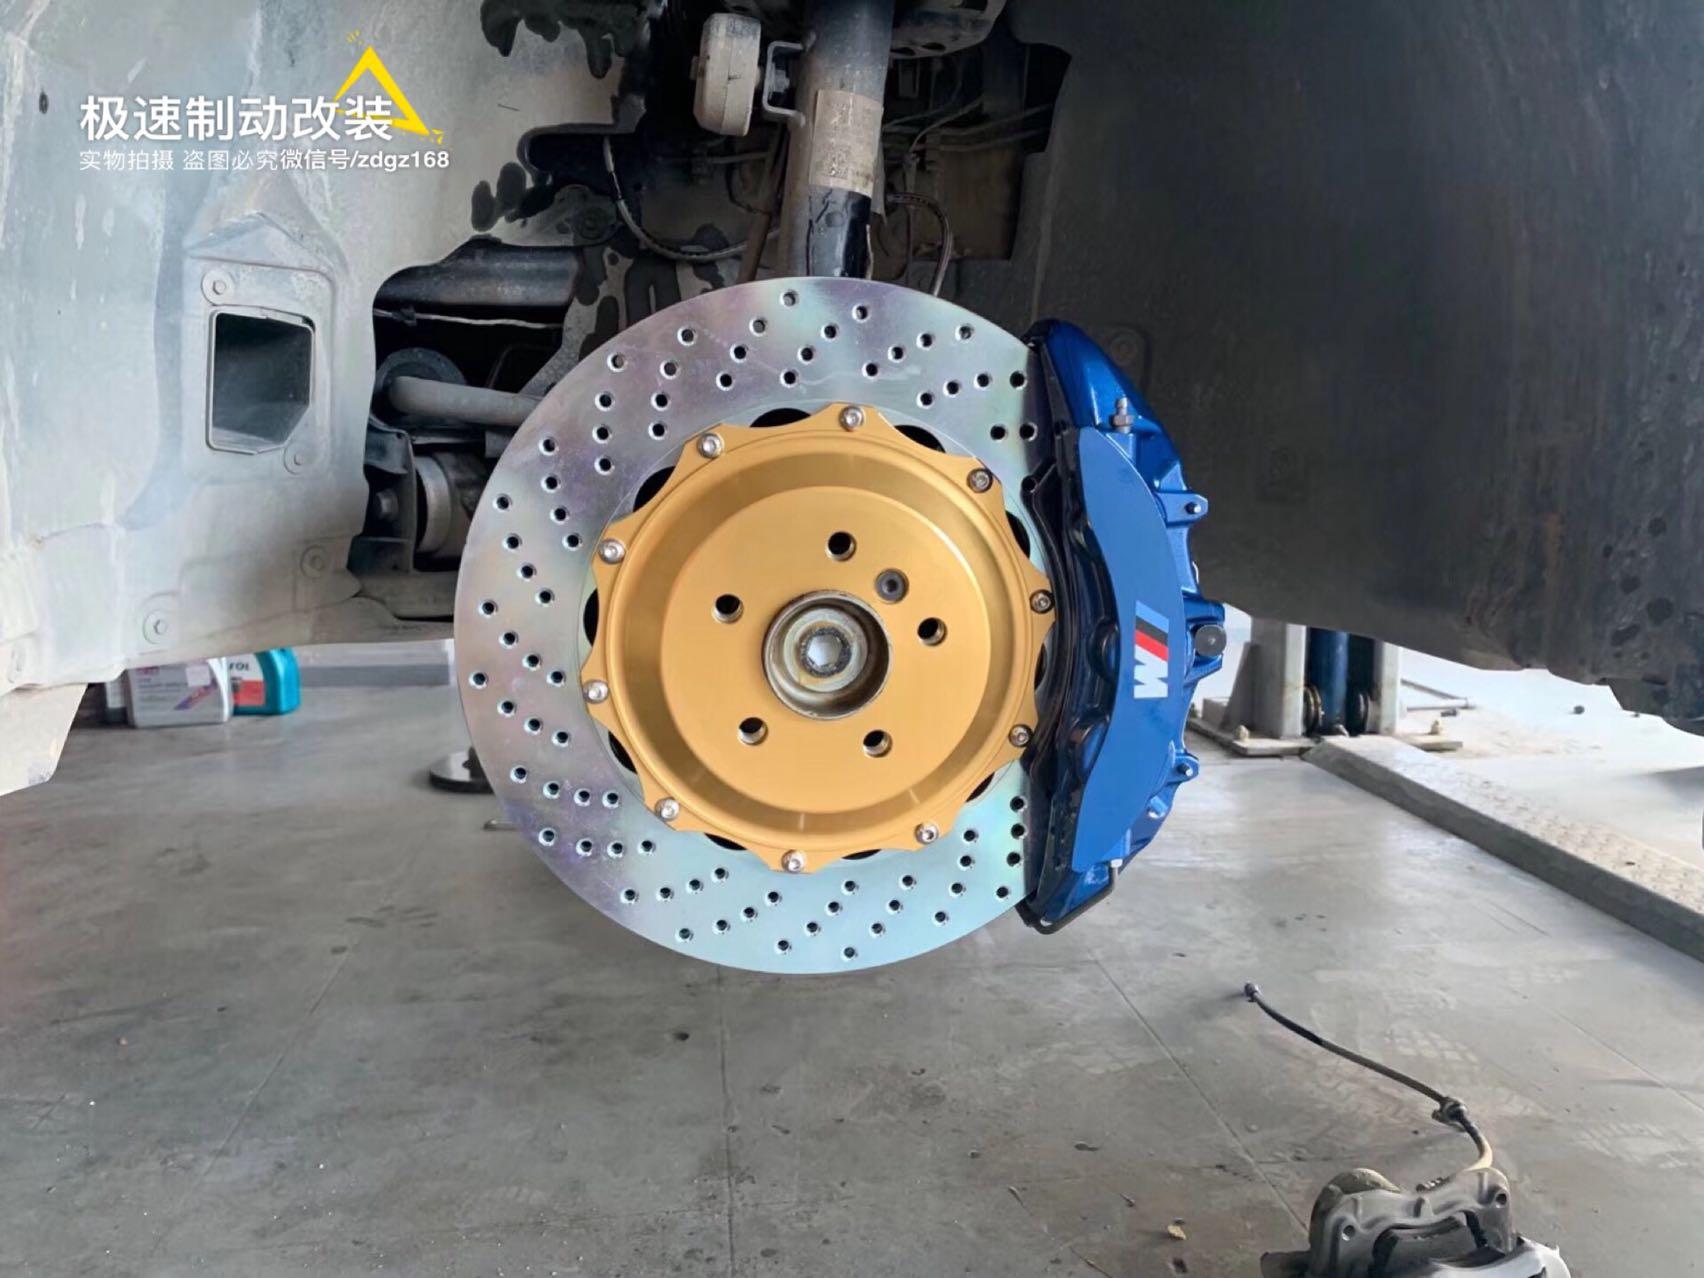 宝马X3 19寸轮毂刹车升级Brembo V6 /380MM打孔盘,完美原装位安装!